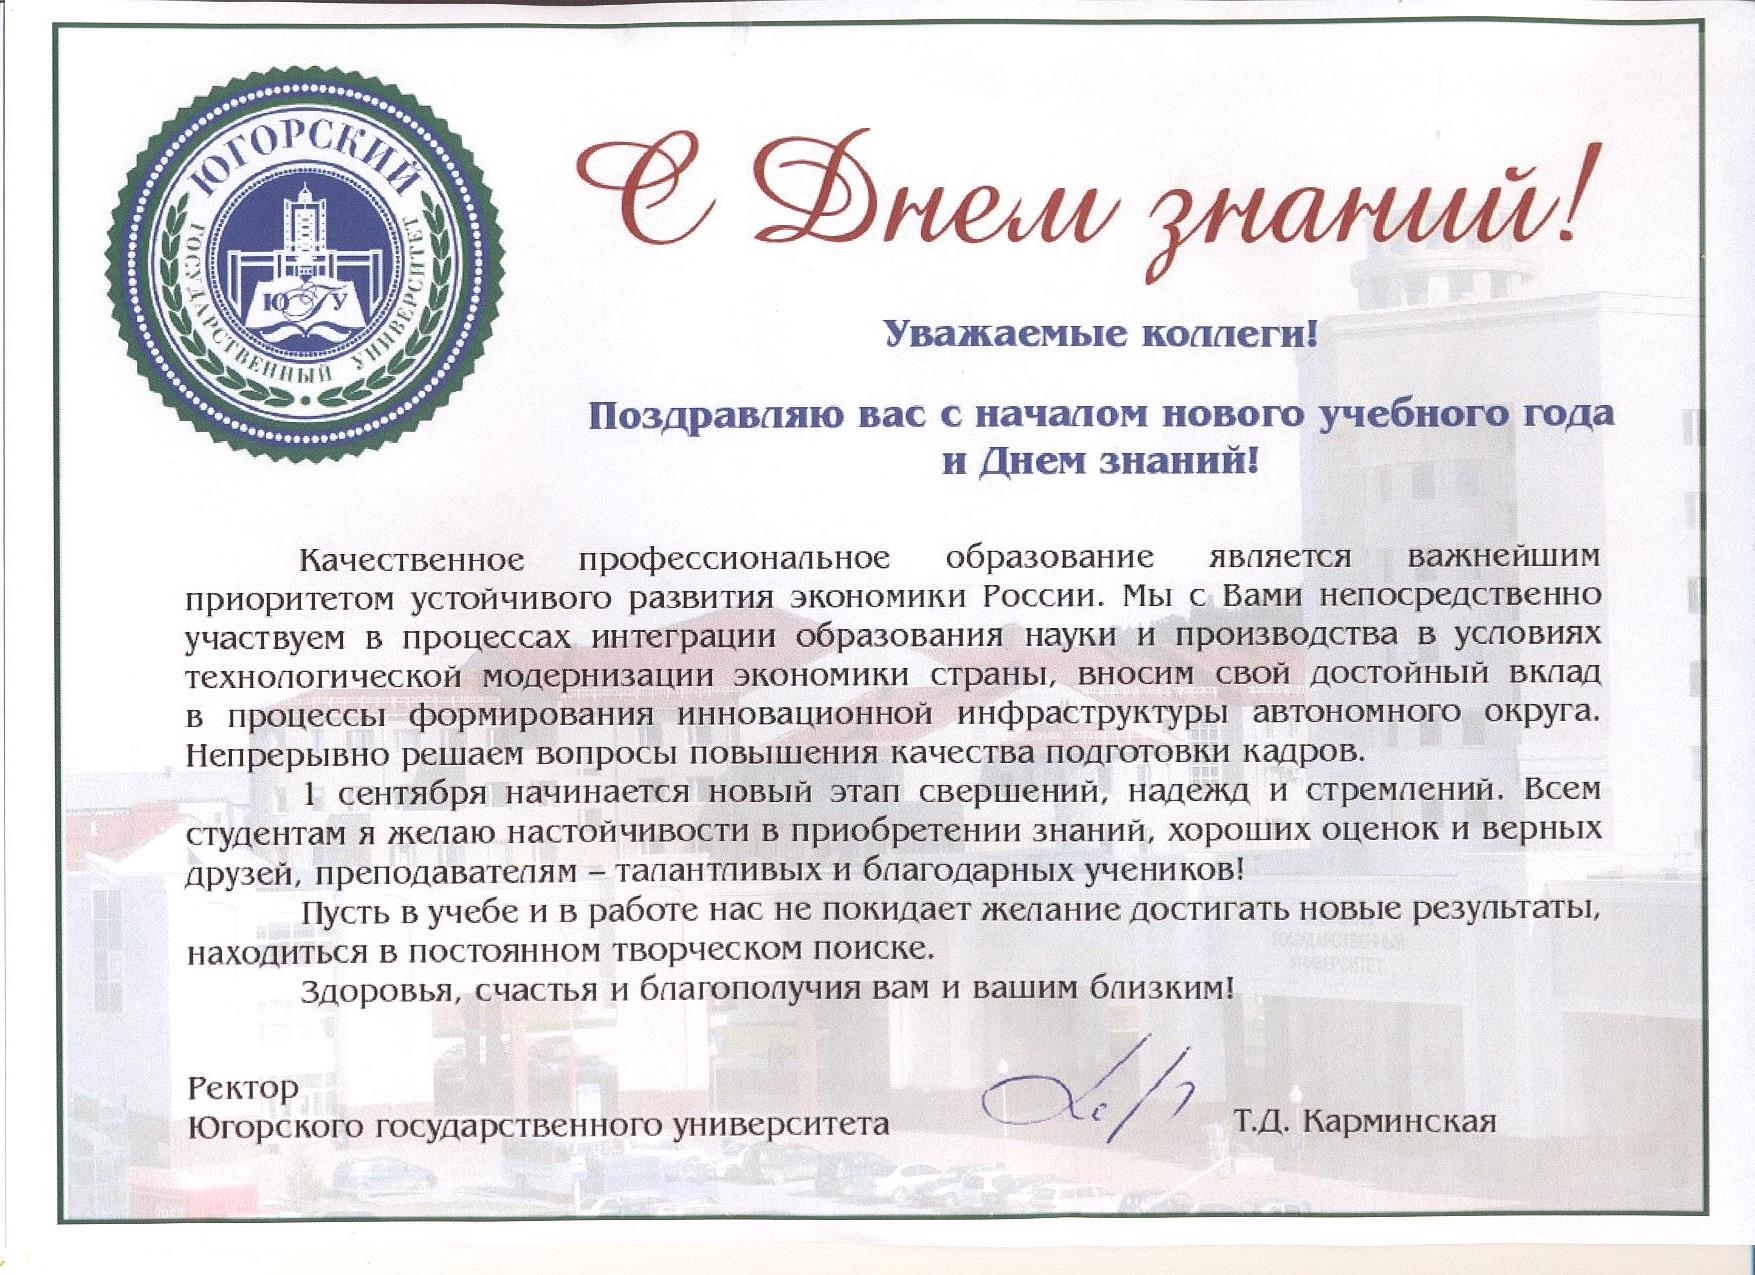 Поздравления коллегам с днем знаний и началом учебного года 180